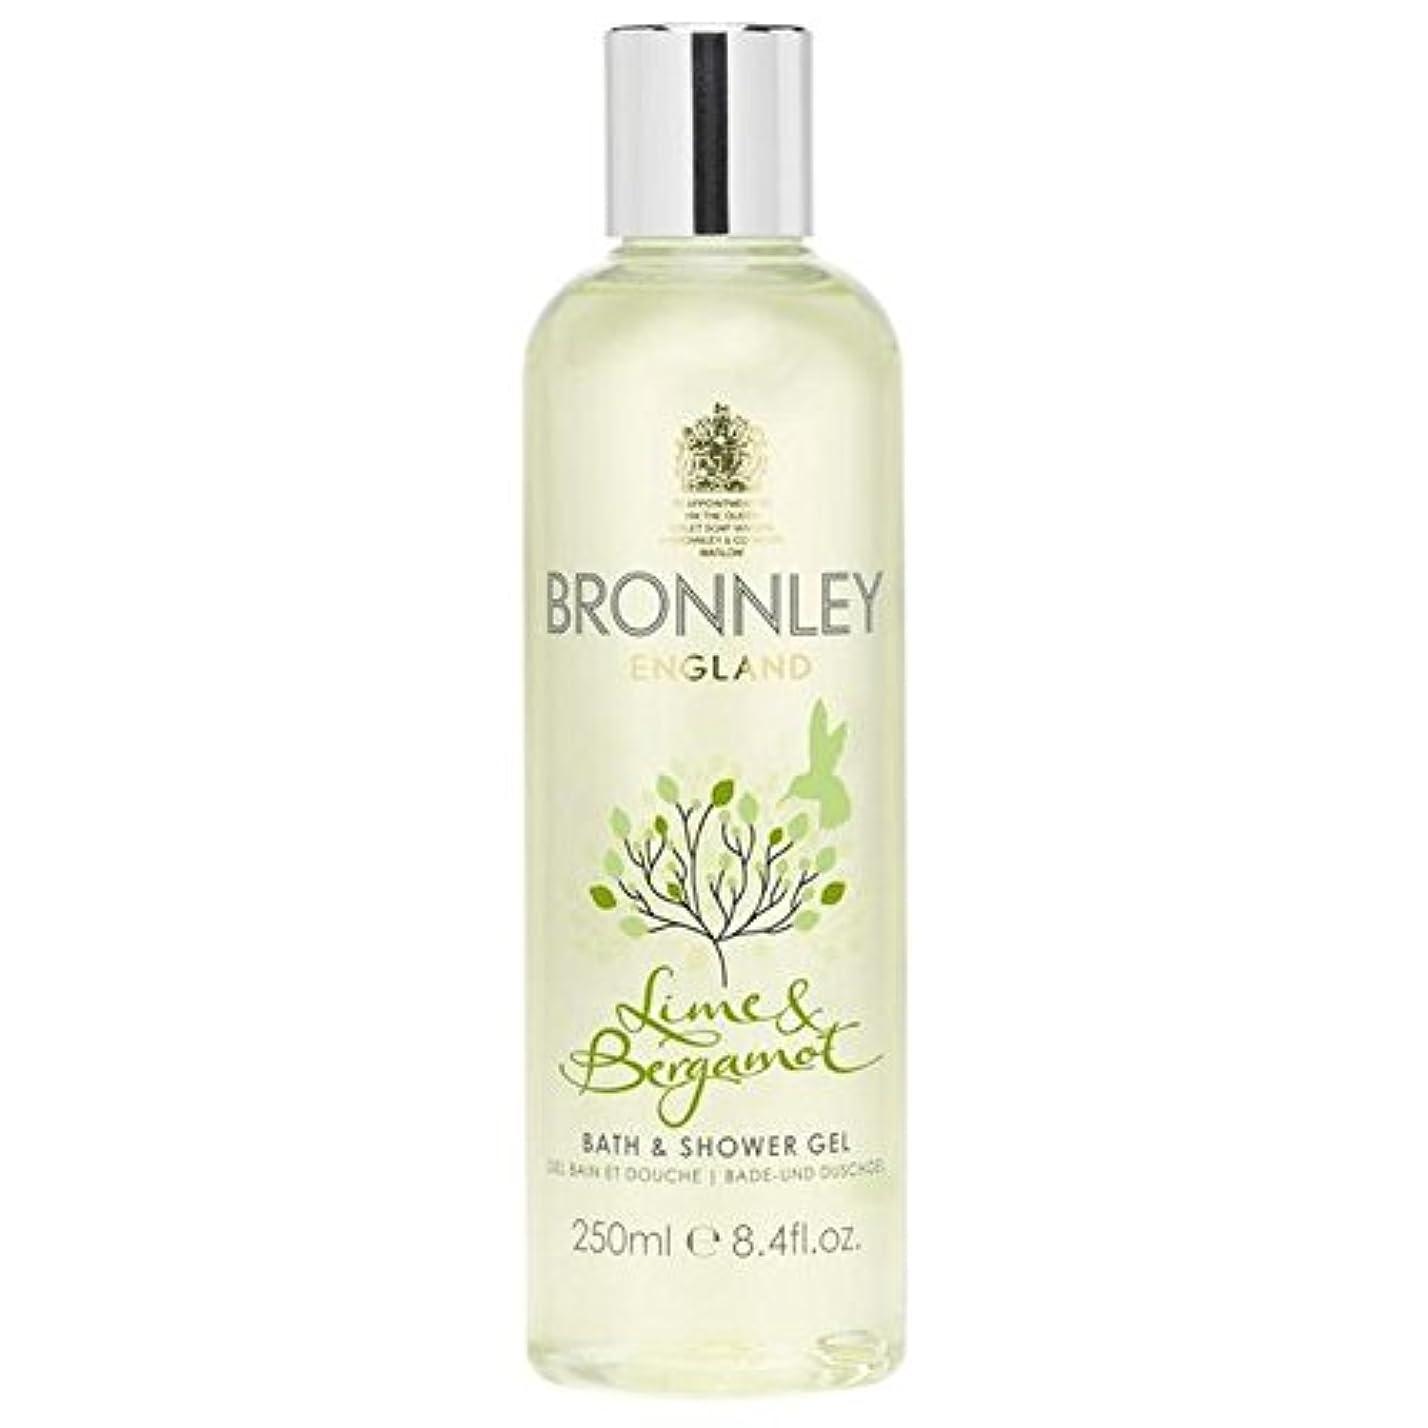 神経衰弱愛国的な湾ライム&ベルガモットバス&シャワージェル250ミリリットル x4 - Bronnley Lime & Bergamot Bath & Shower Gel 250ml (Pack of 4) [並行輸入品]